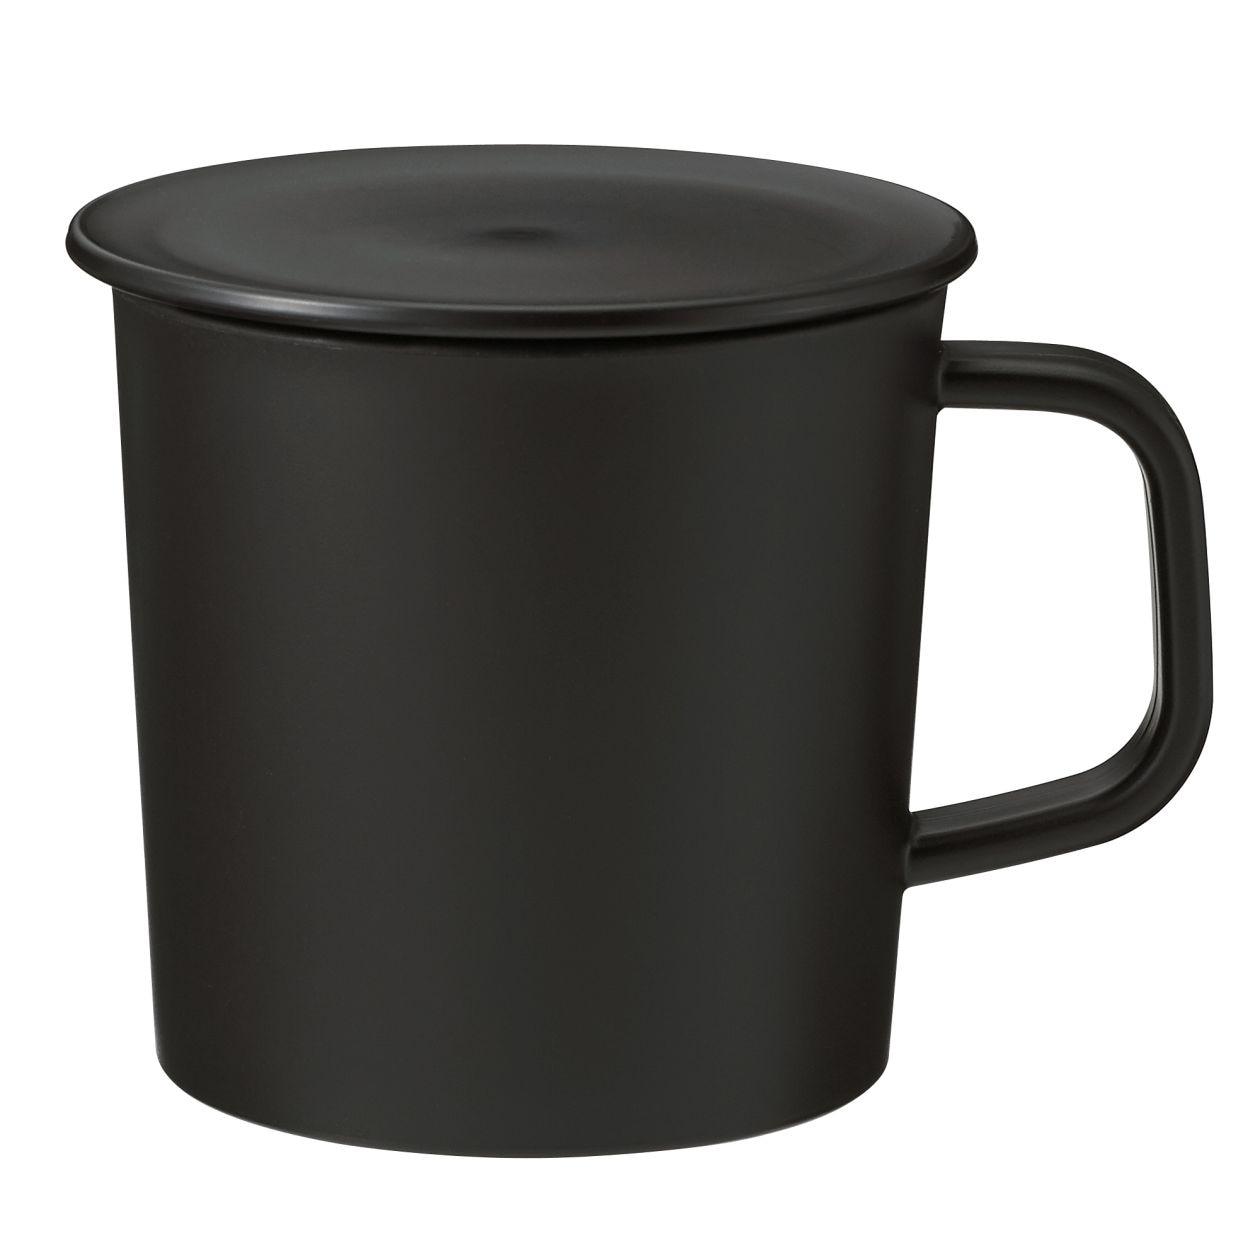 ポリプロピレンふた付きマグカップ・黒